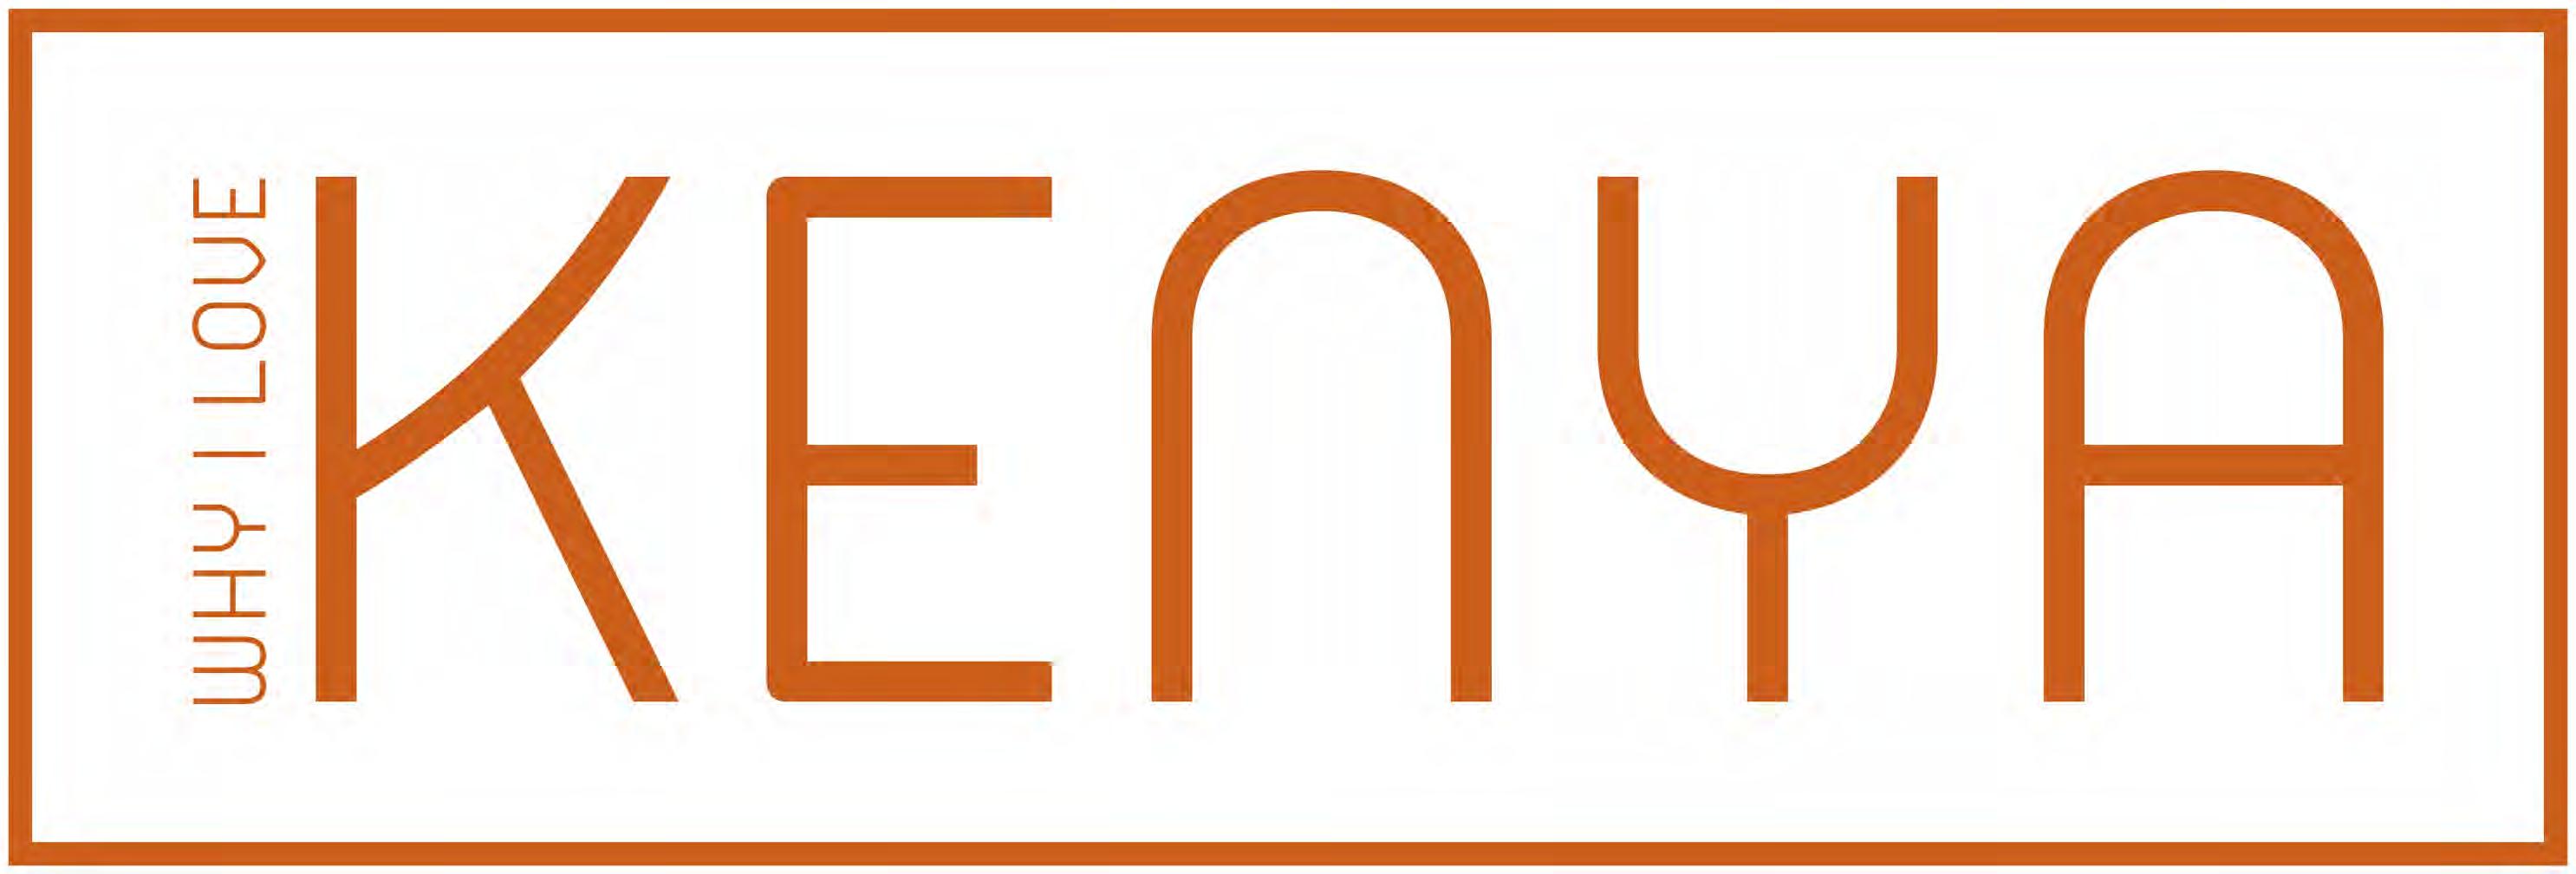 WIL-Kenya